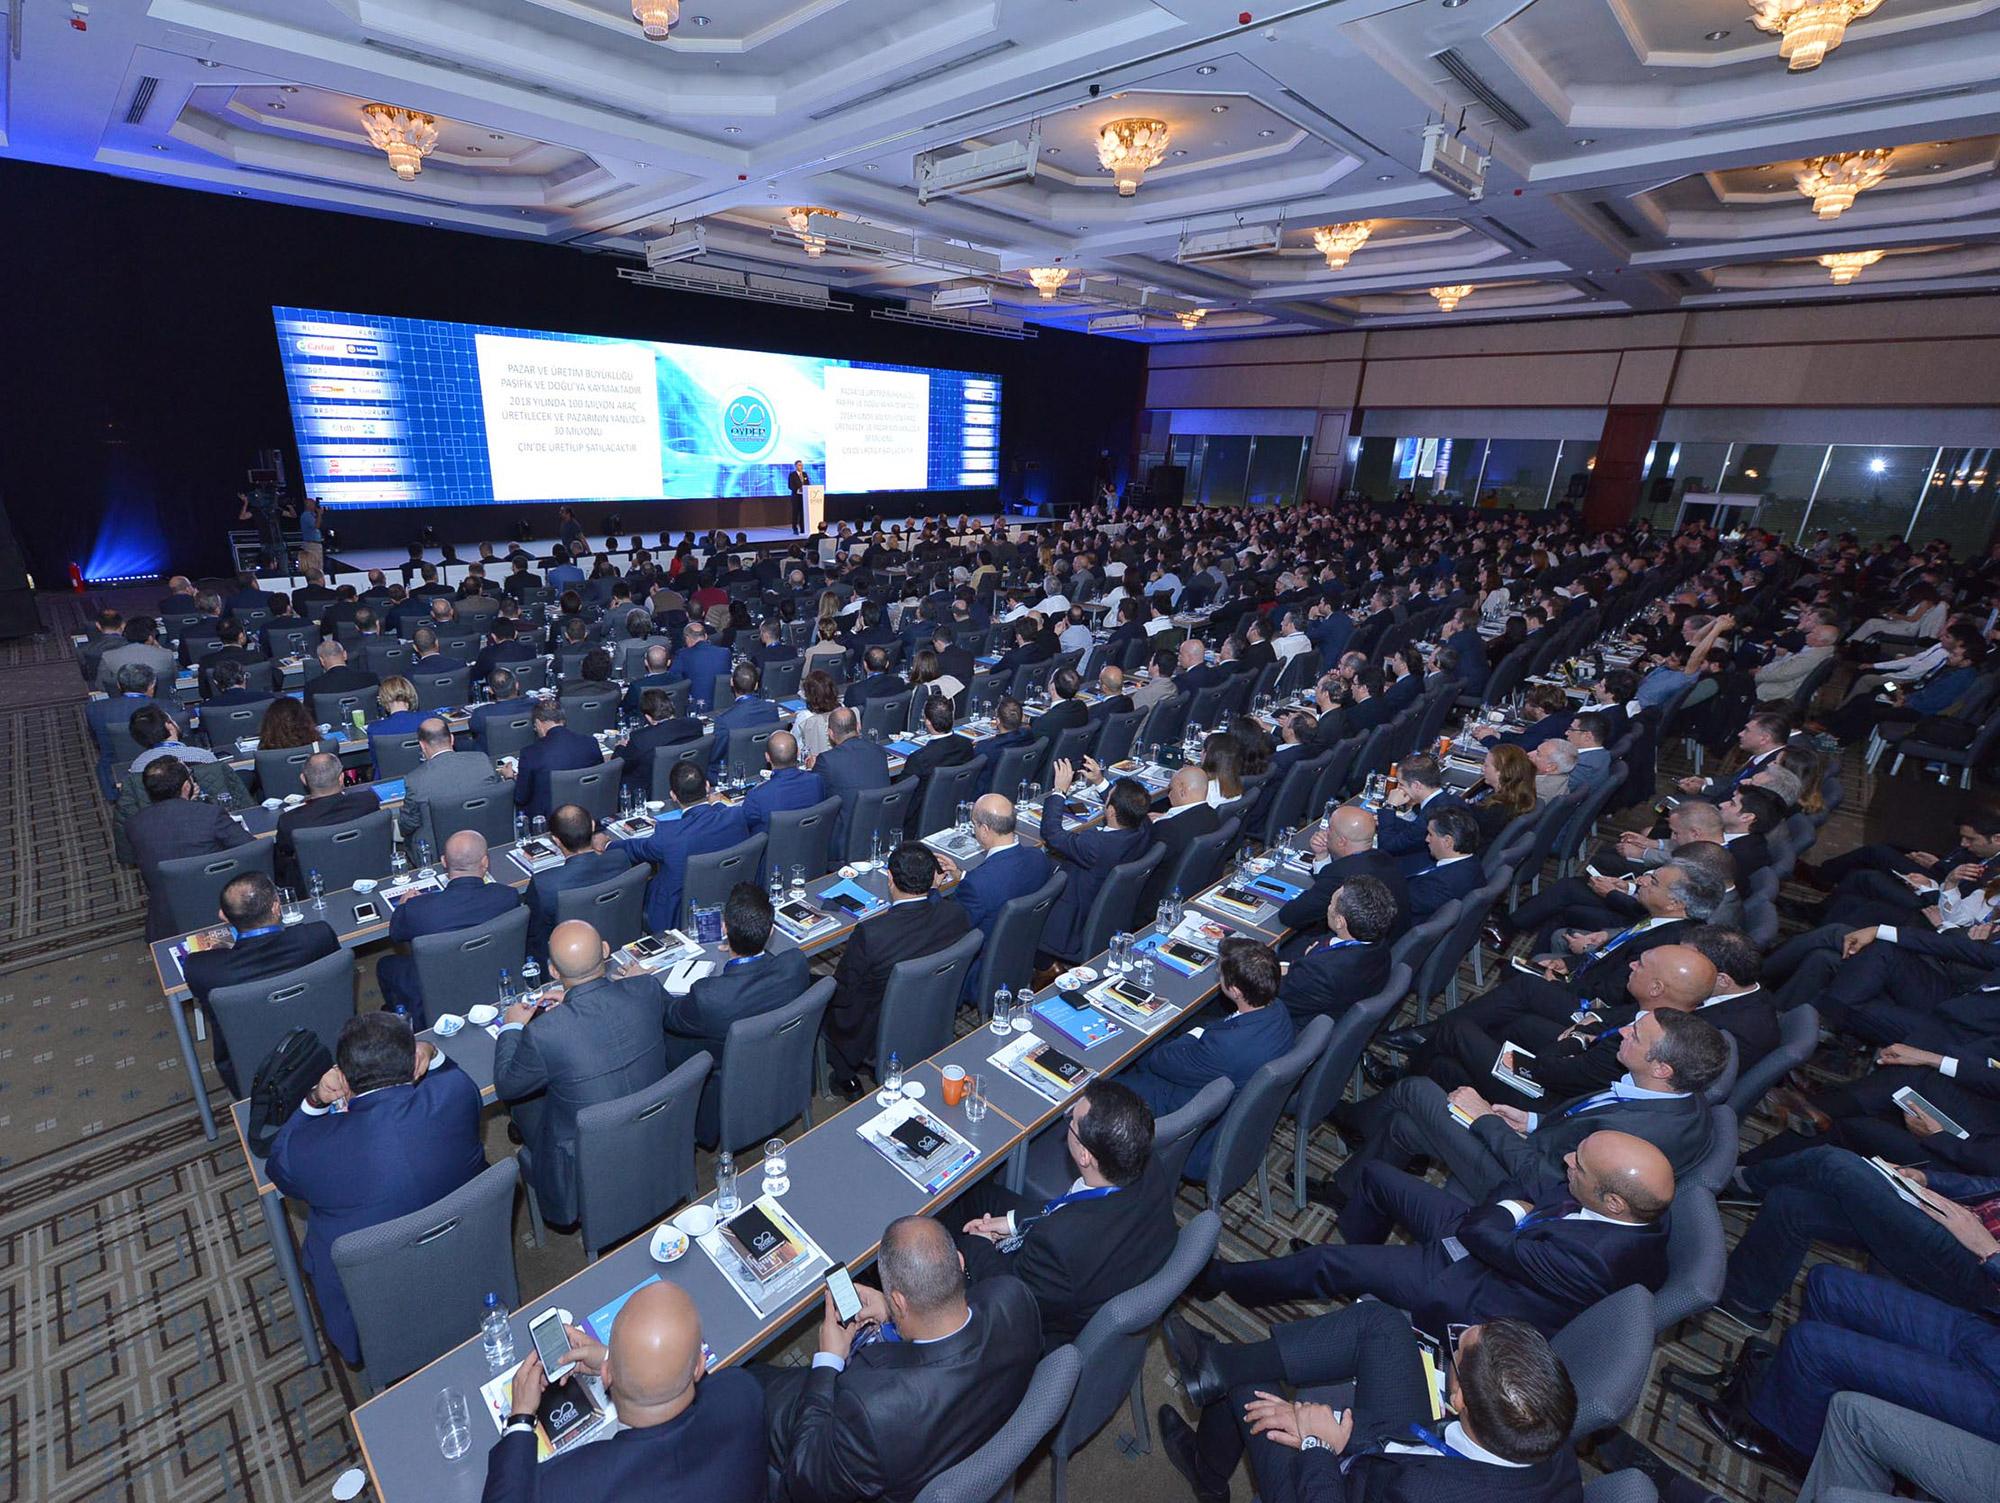 oyder-otomotiv-kongresi-.jpg